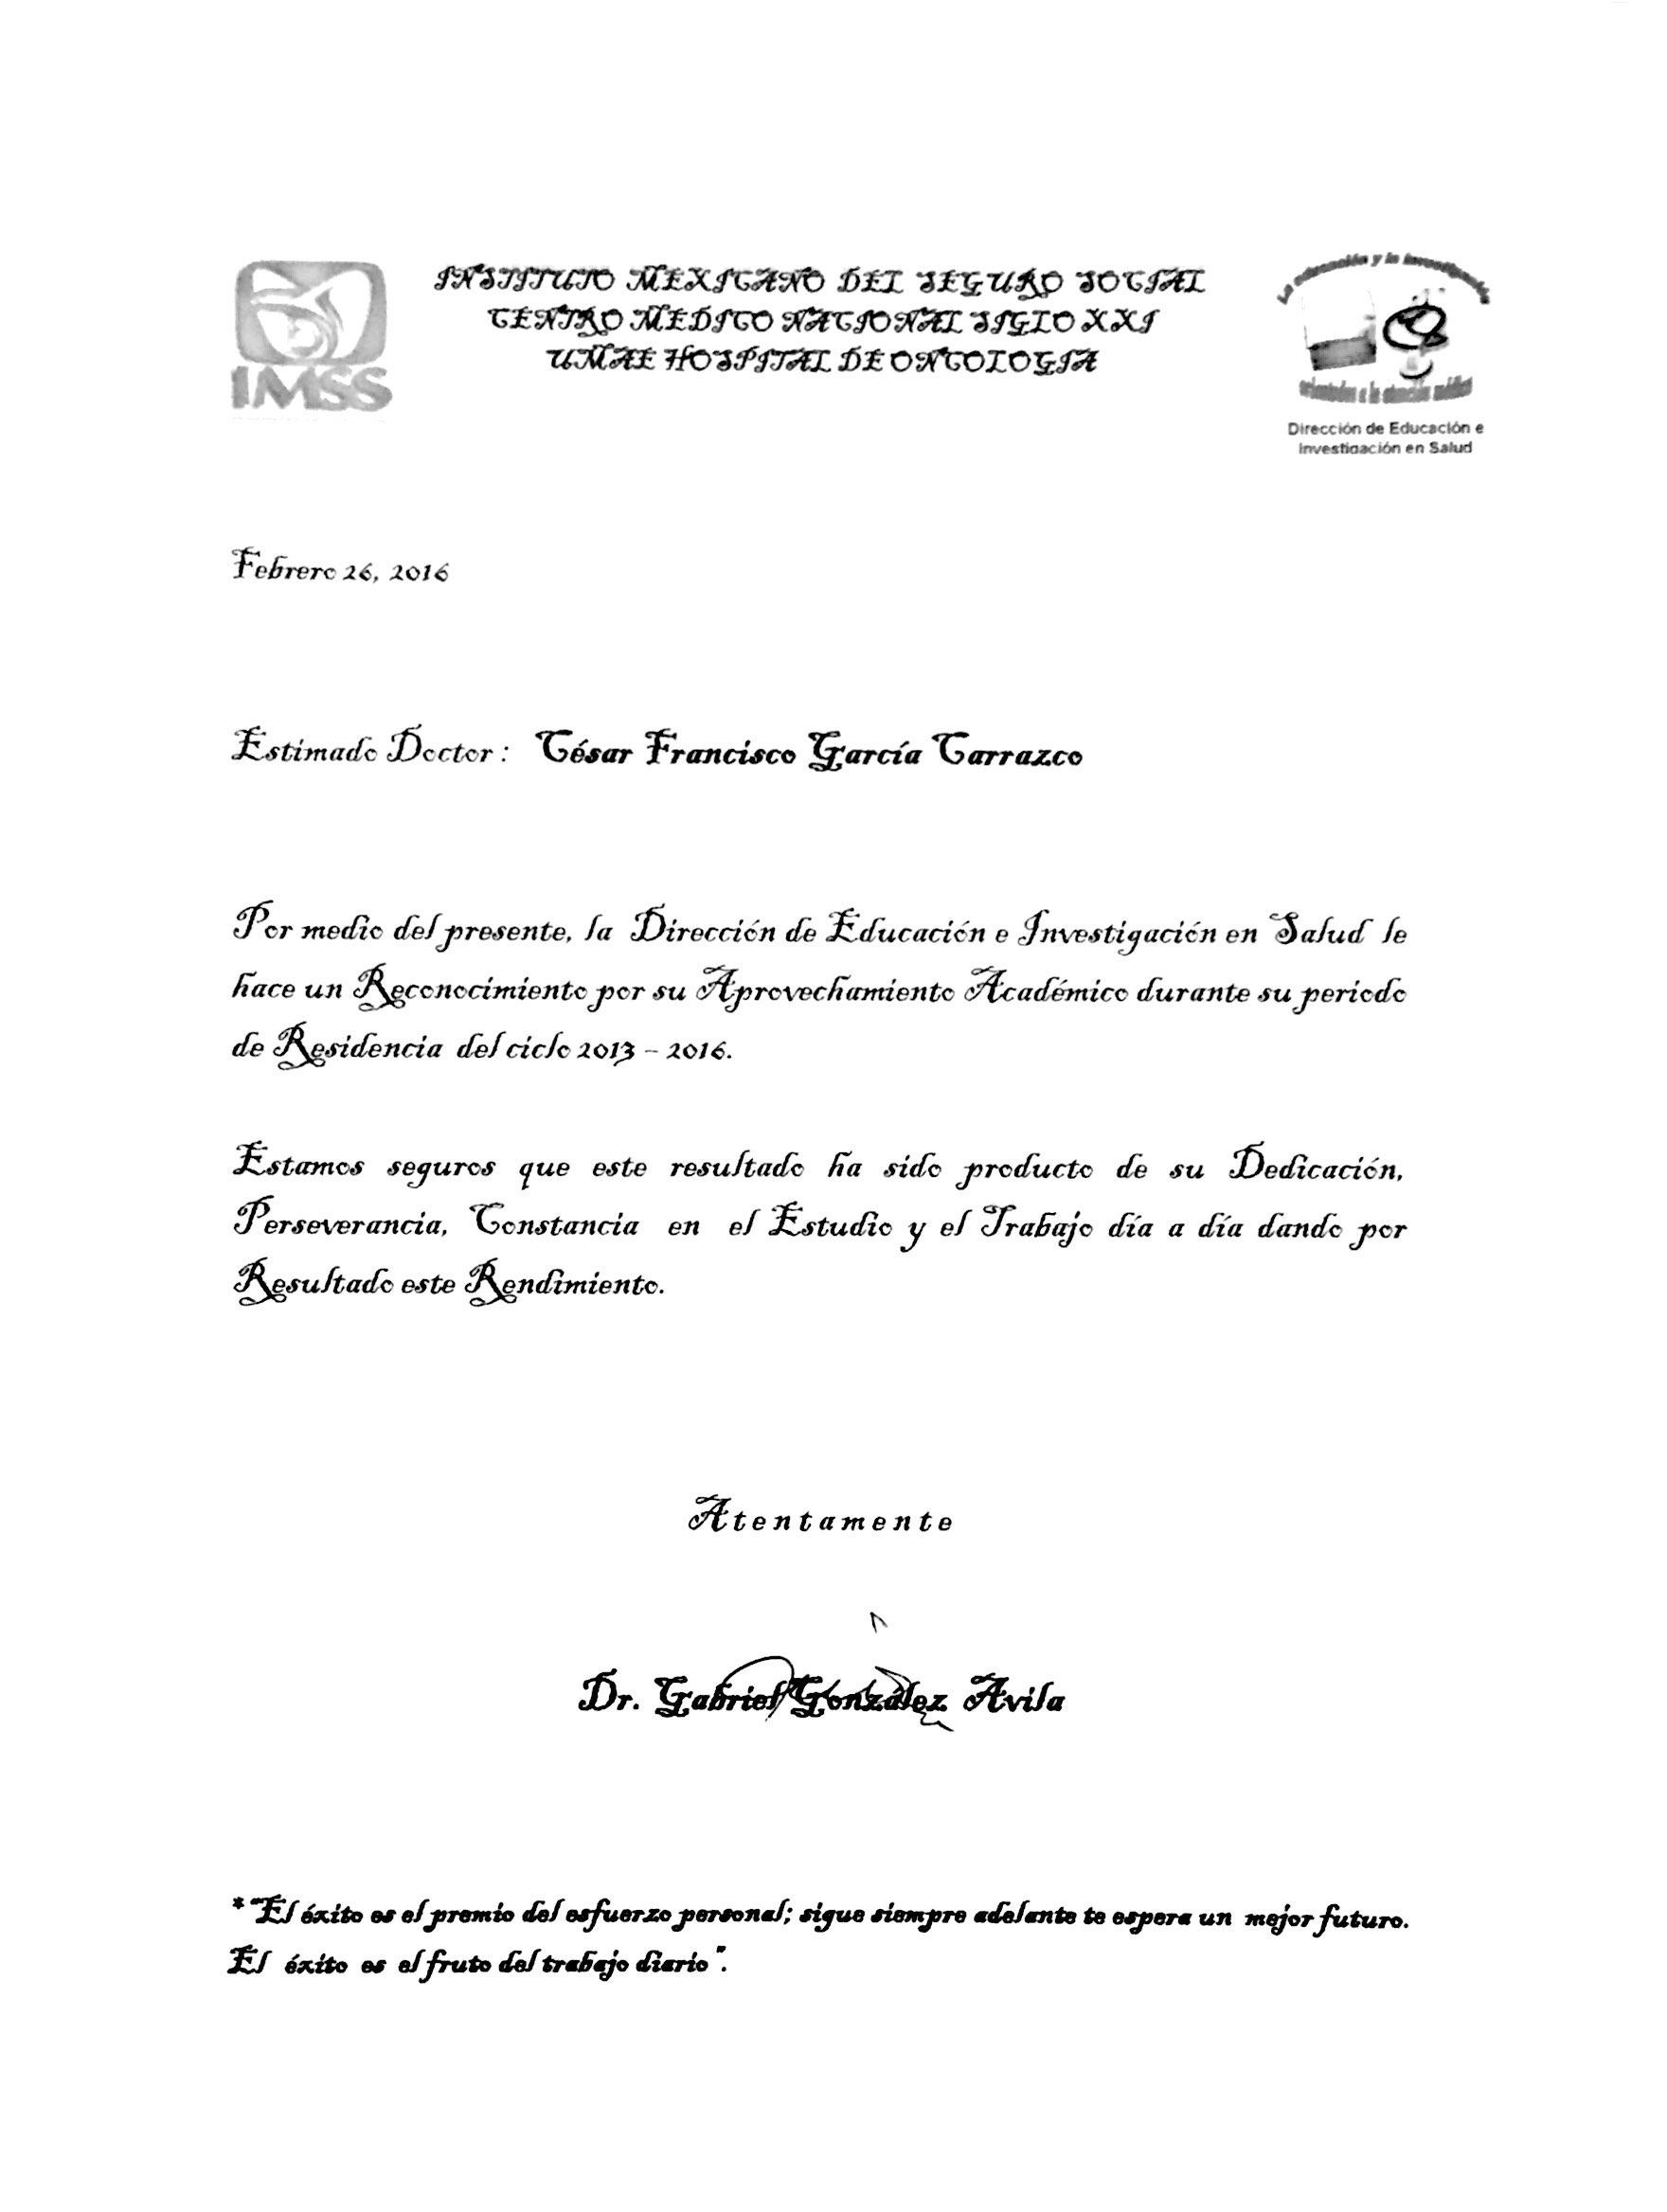 Dr. Garcia Carrazco_11